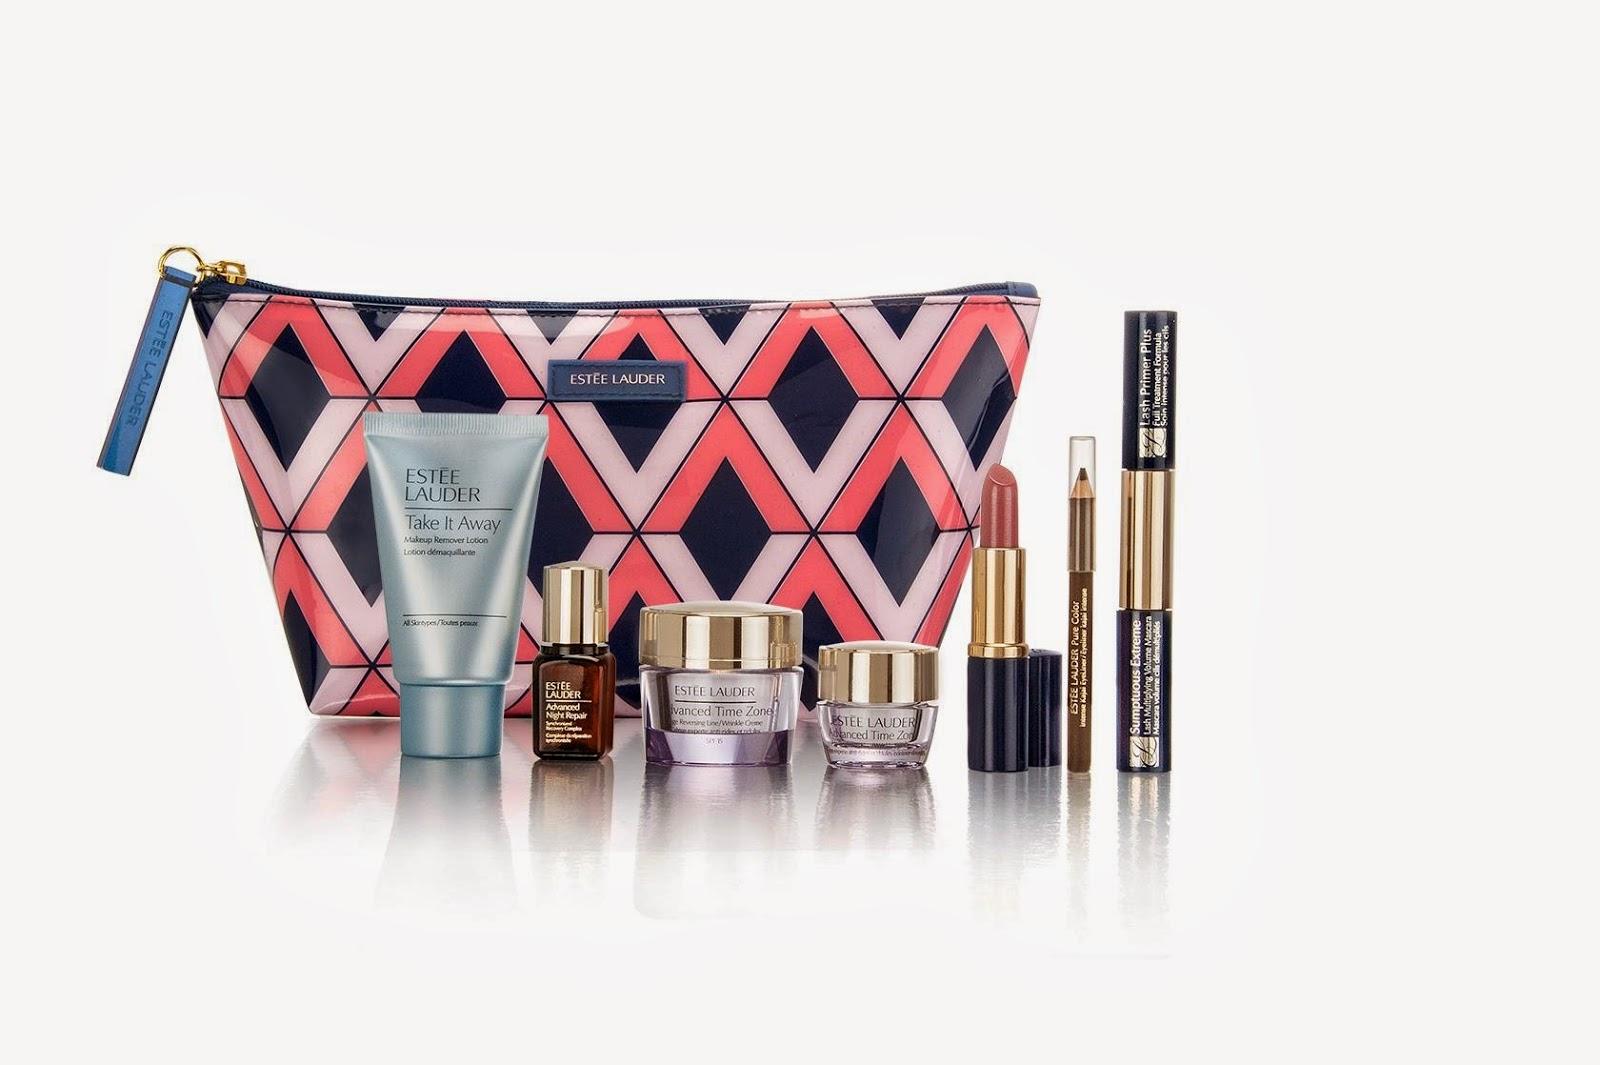 The Estée Lauder gift includes: